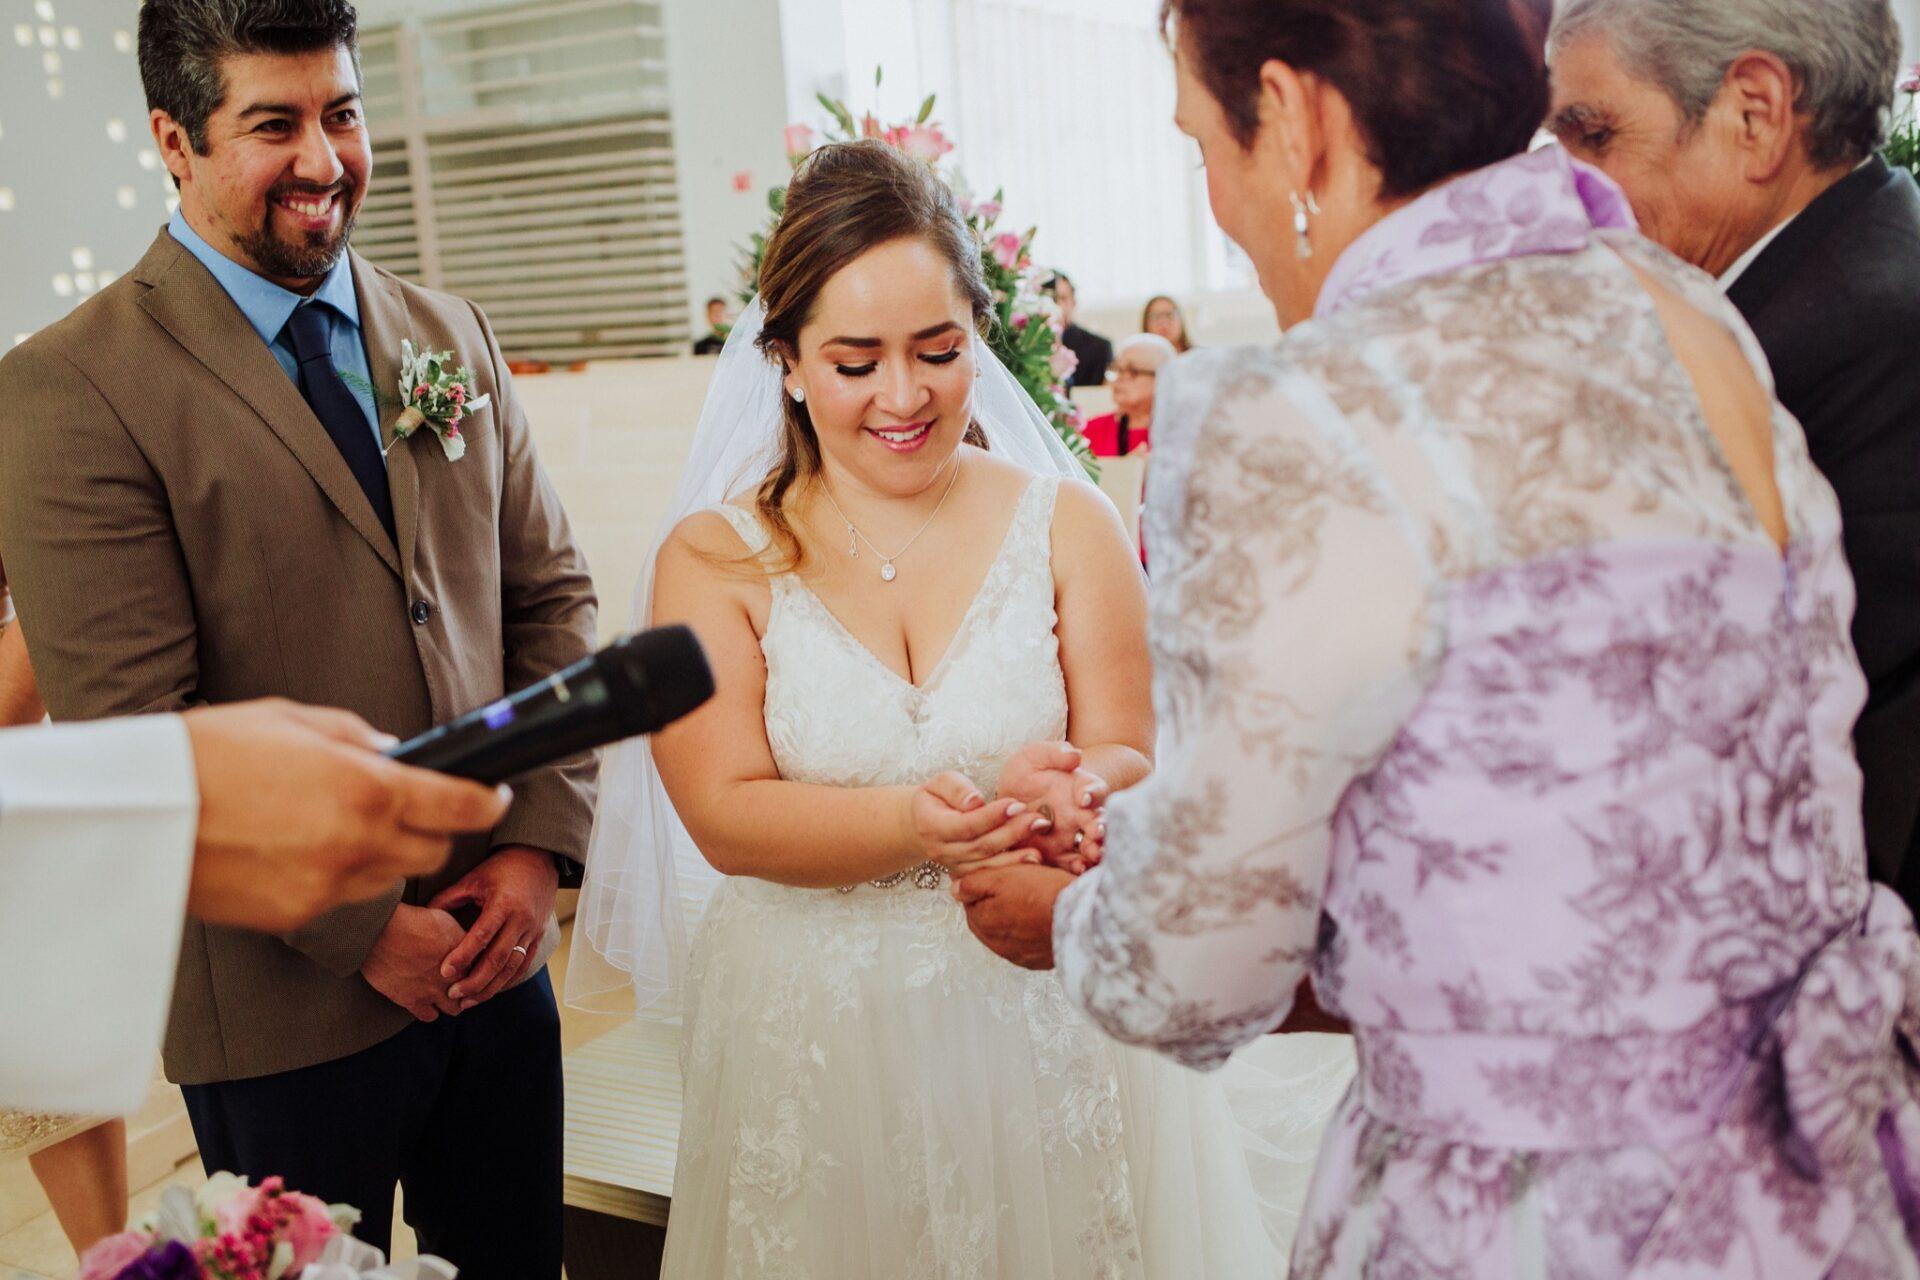 javier_noriega_fotografo_bodas_los_gaviones_zacatecas_wedding_photographer9